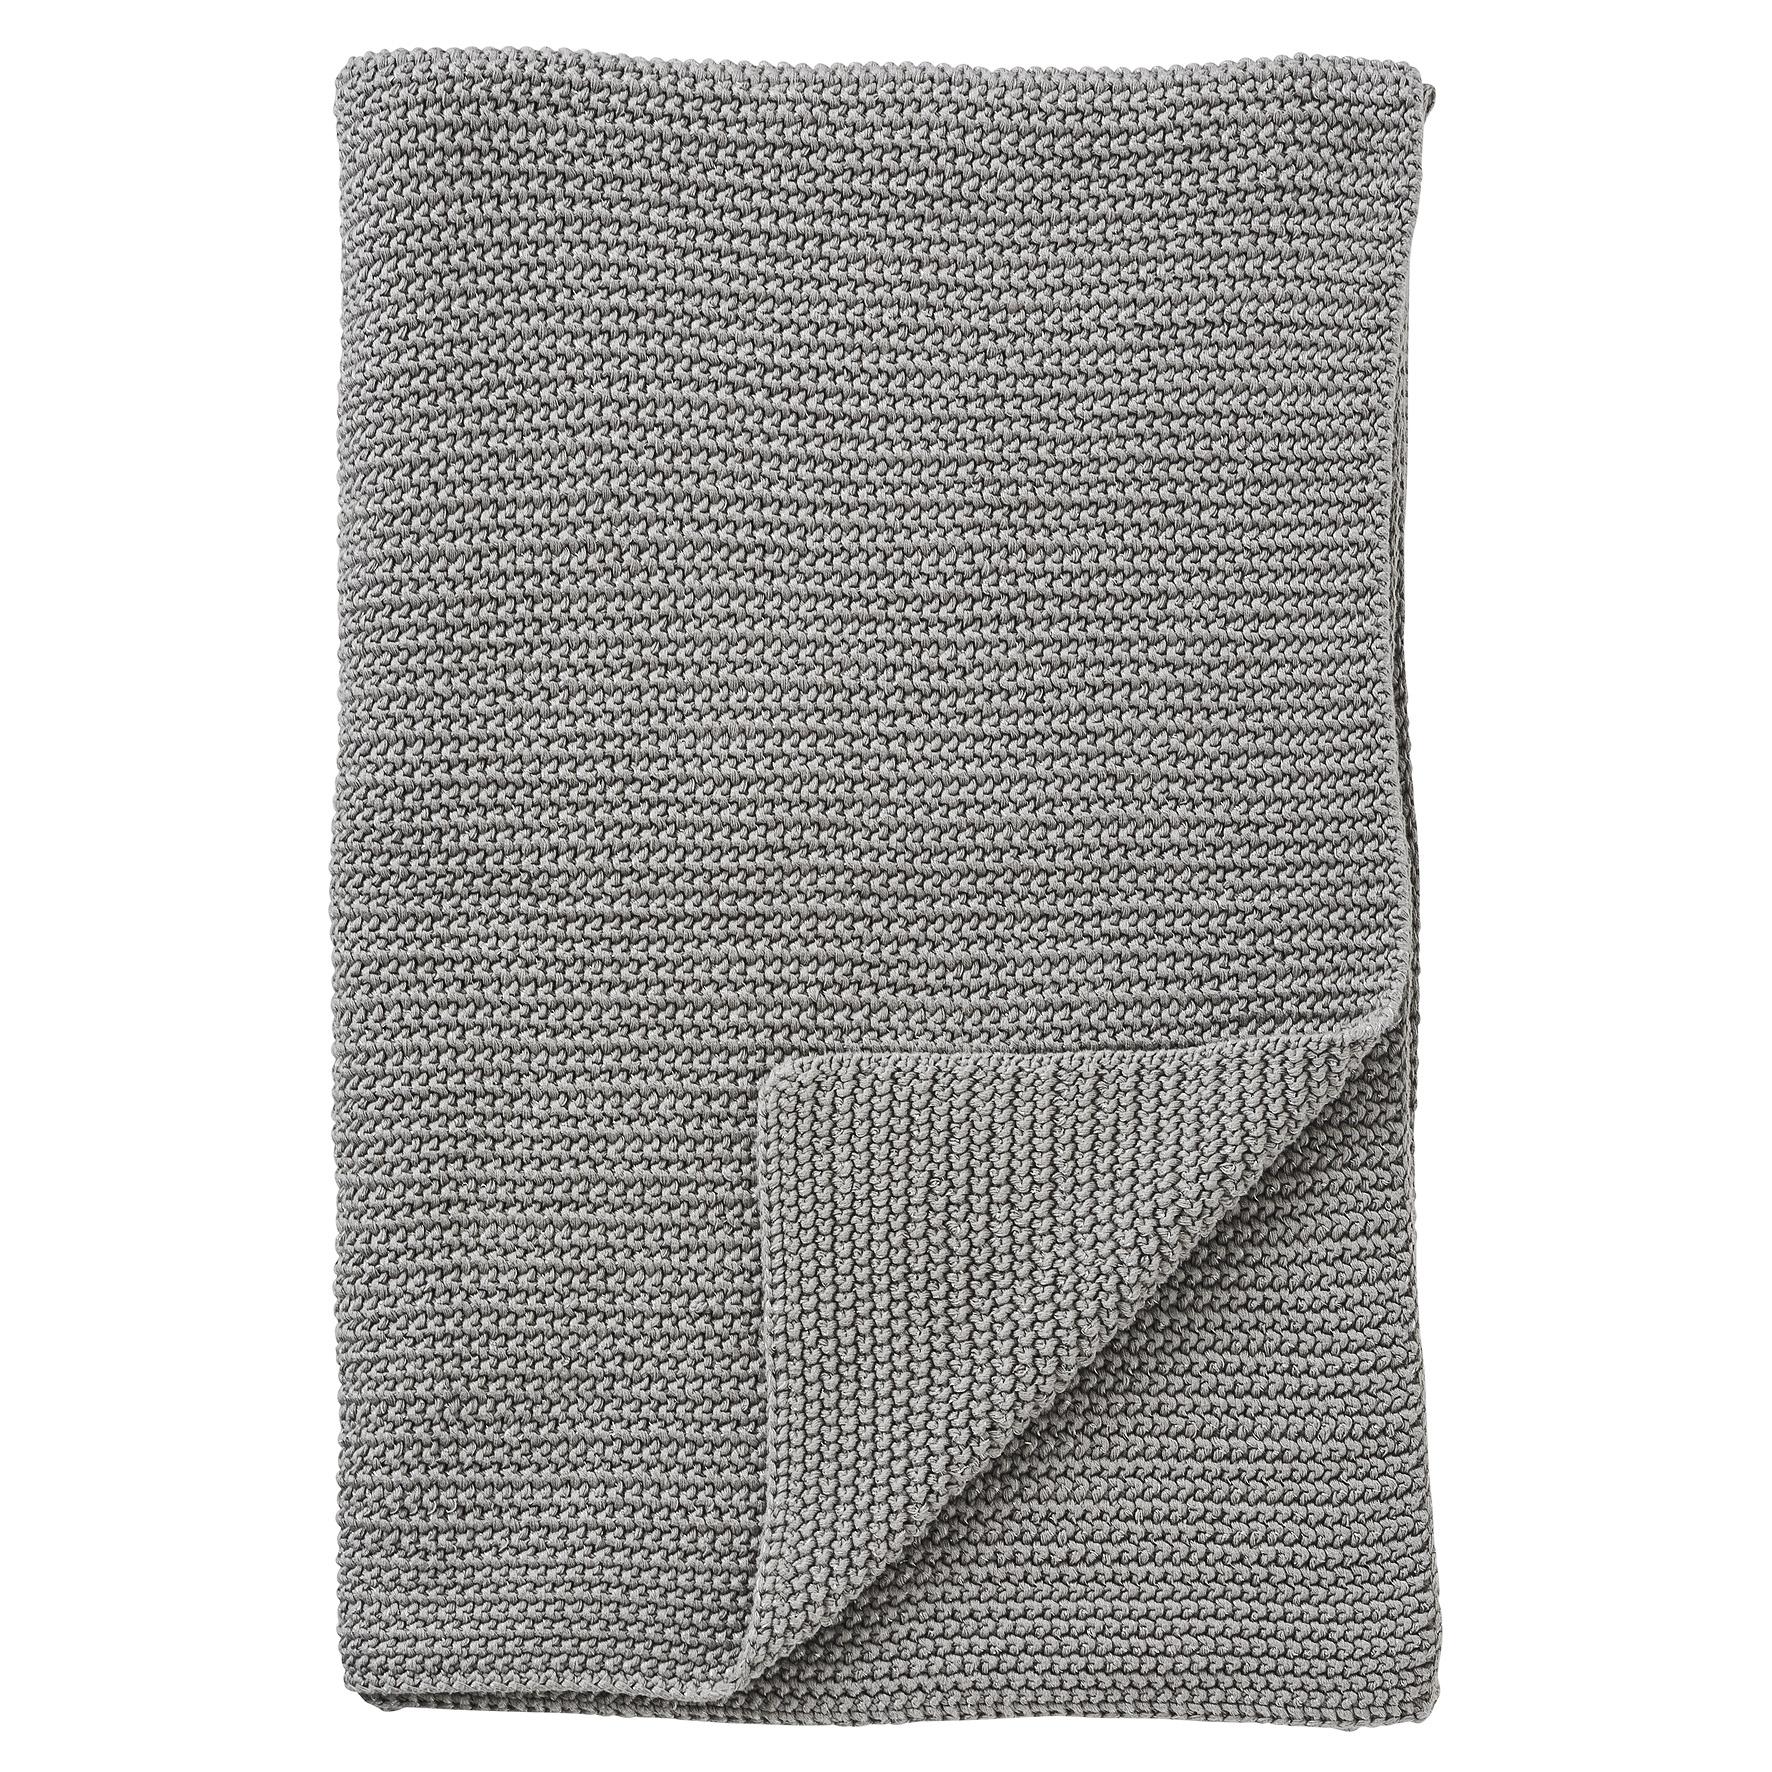 lene bjerre design skandinavische wohnaccessoires villatmo de villatmo designer m bel. Black Bedroom Furniture Sets. Home Design Ideas